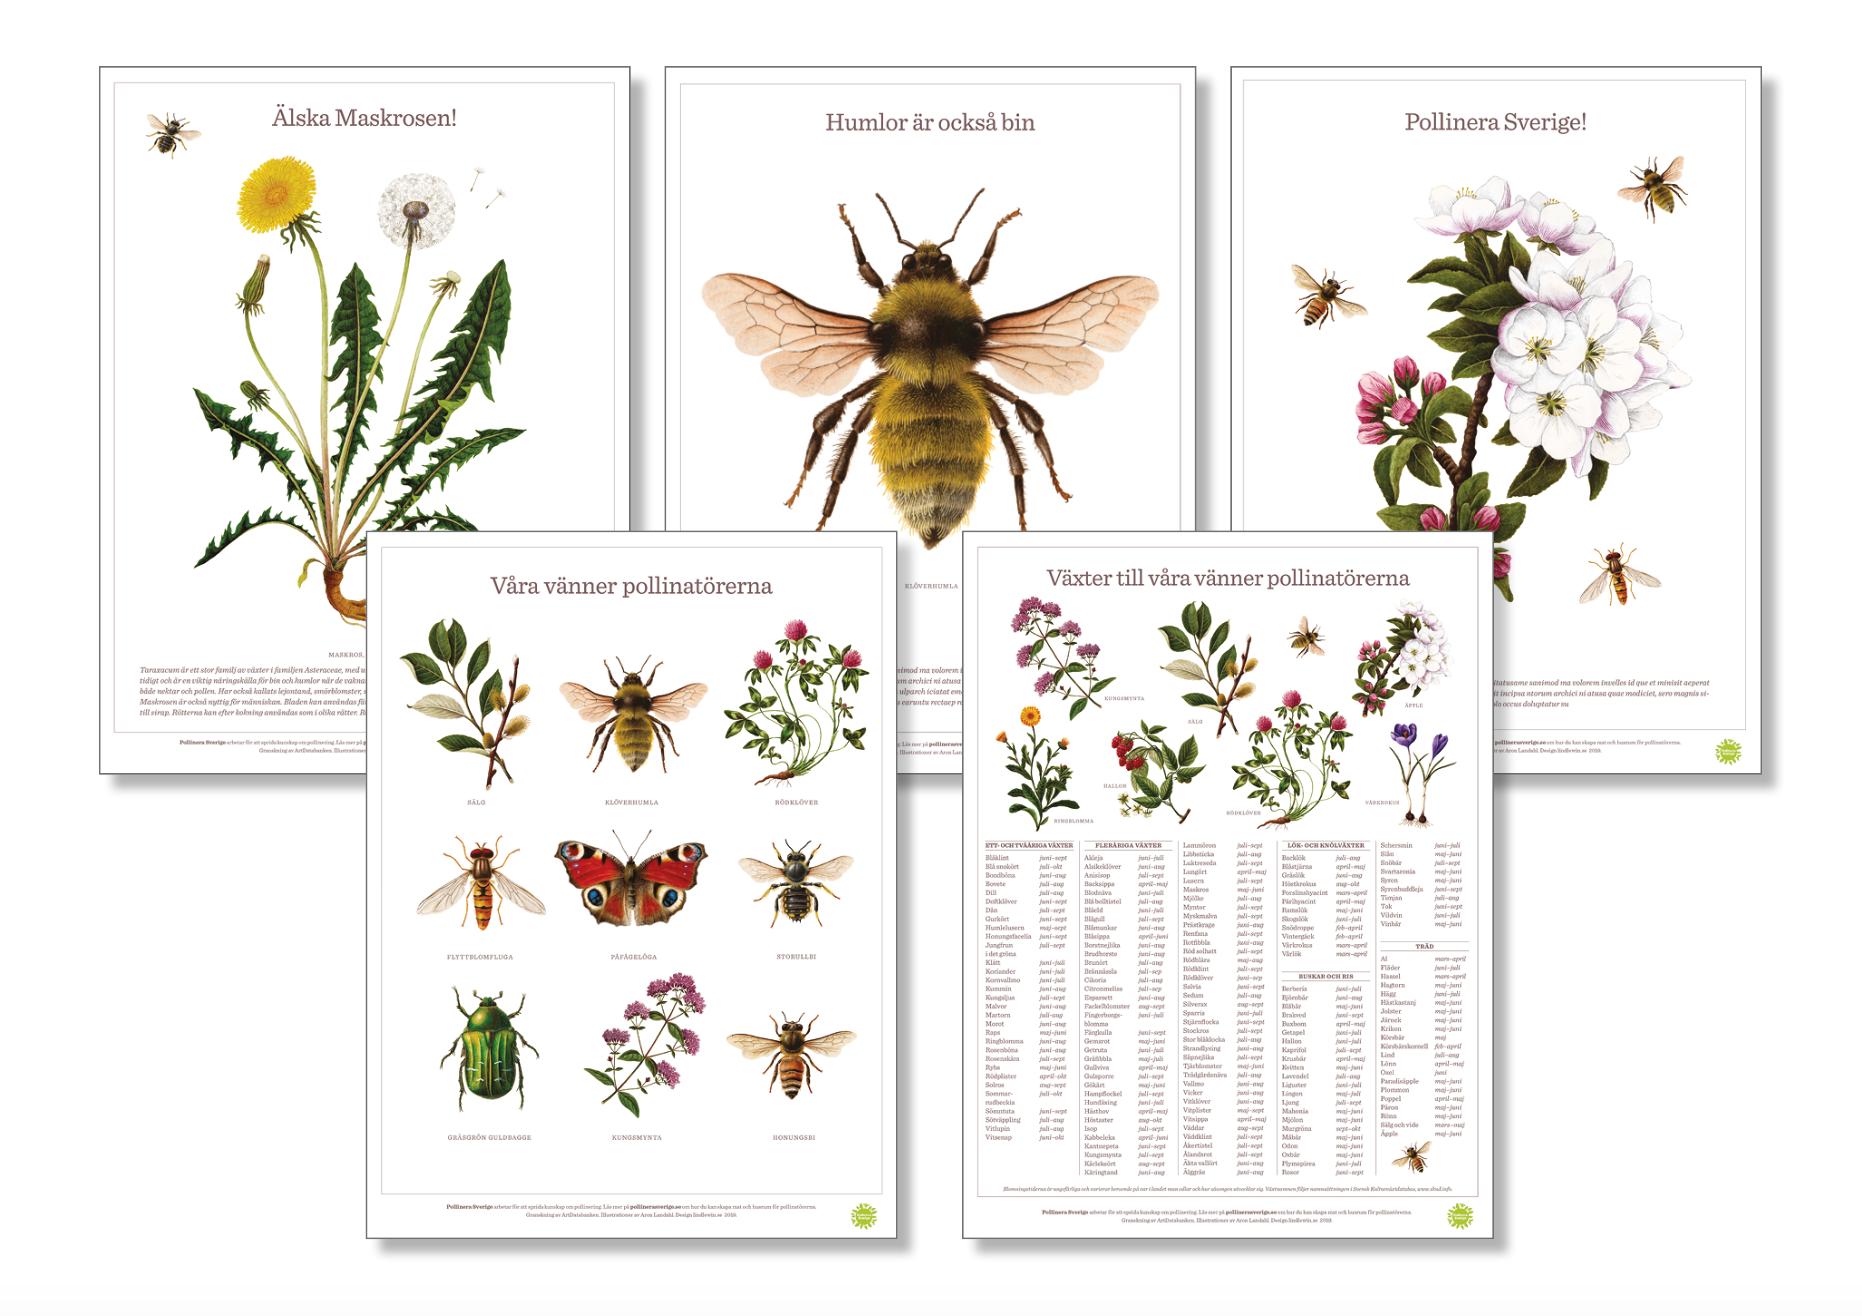 affischer pollinera sverige